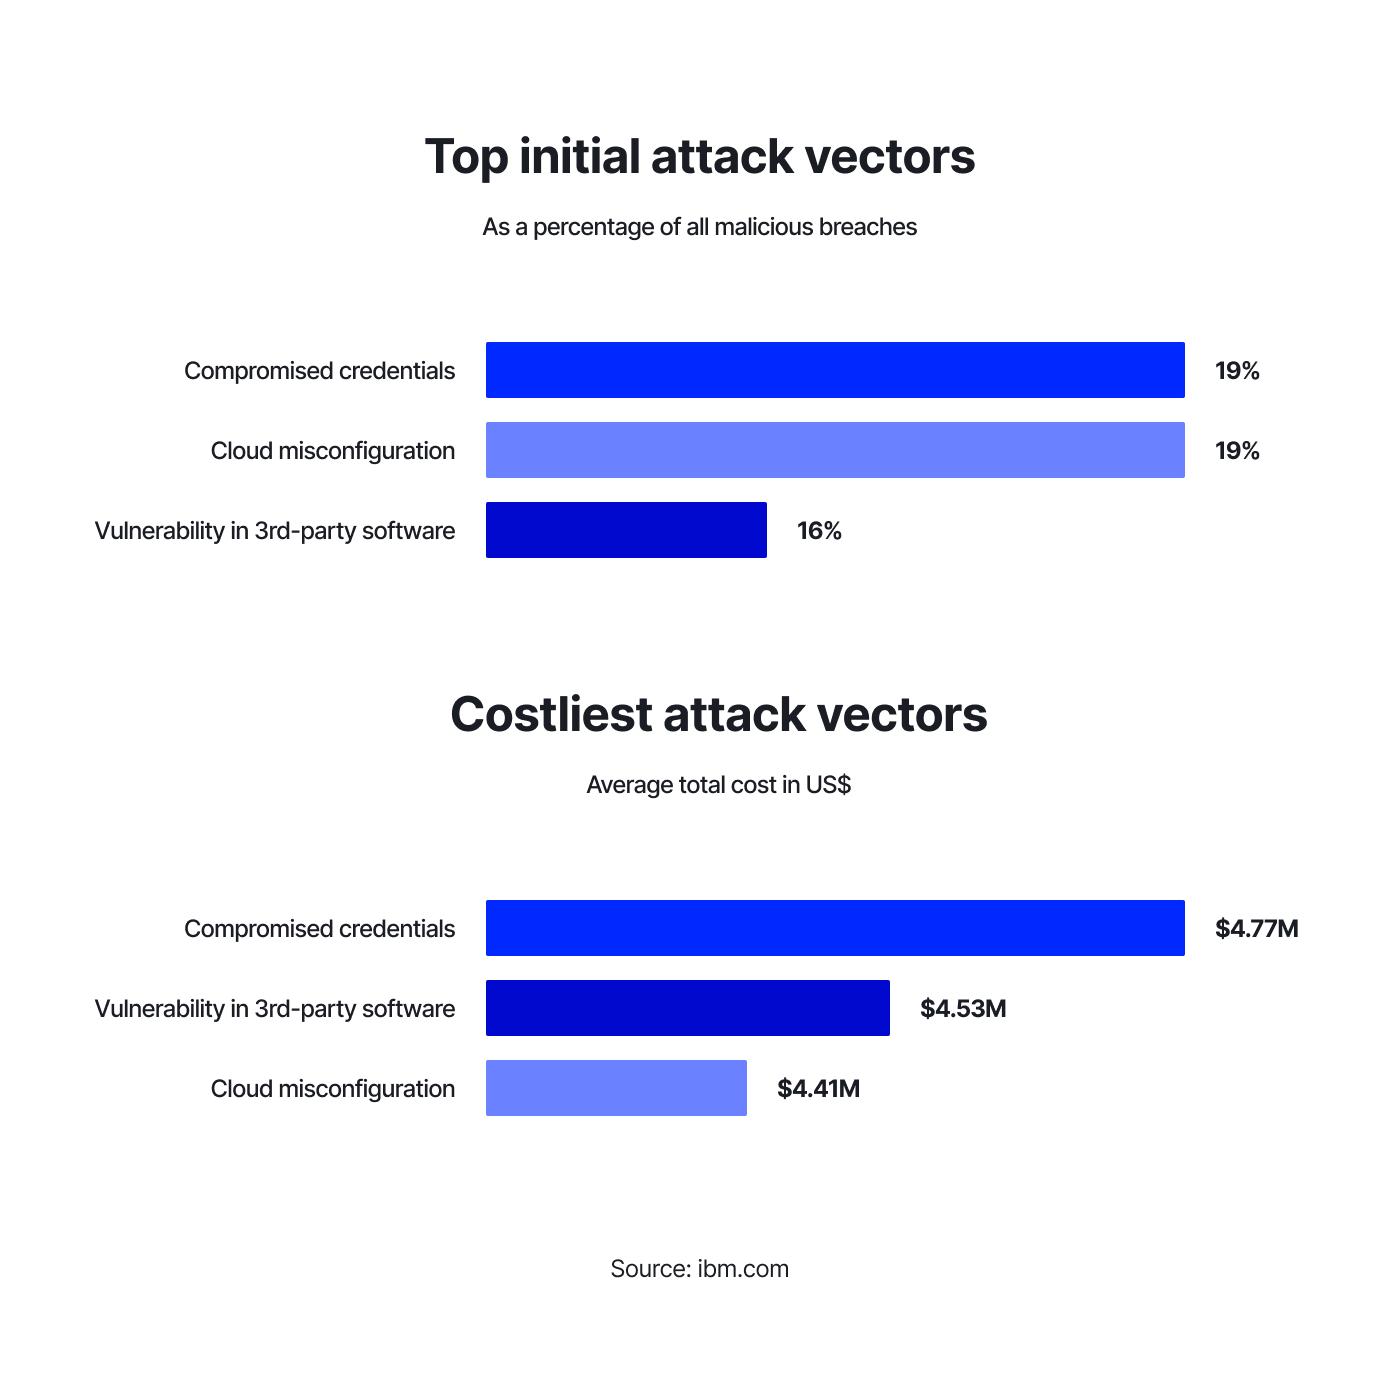 Top initial attack vectors and Costliest initial attack vectors